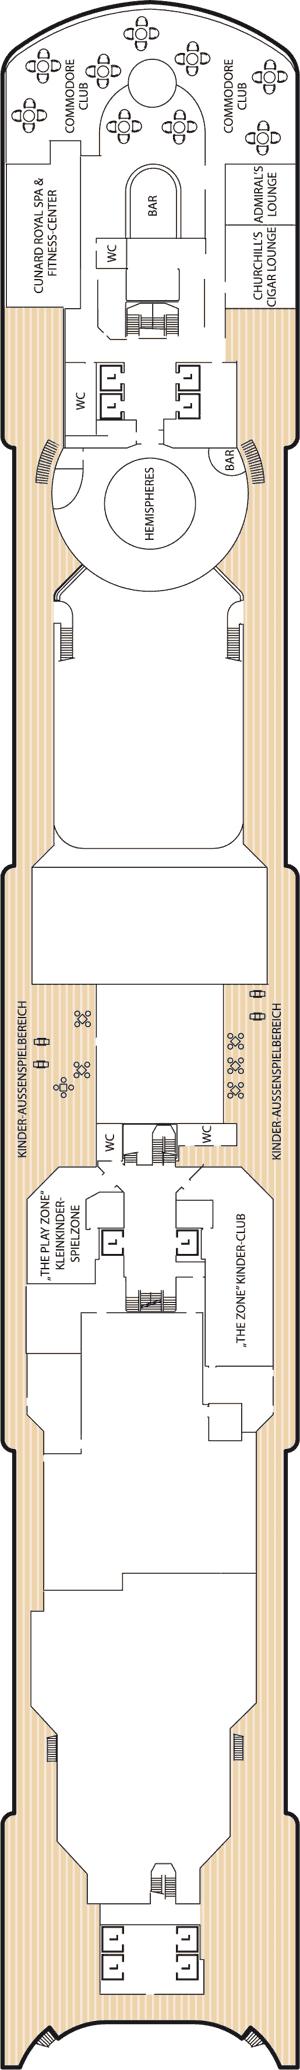 Queen Victoria - Deck 10